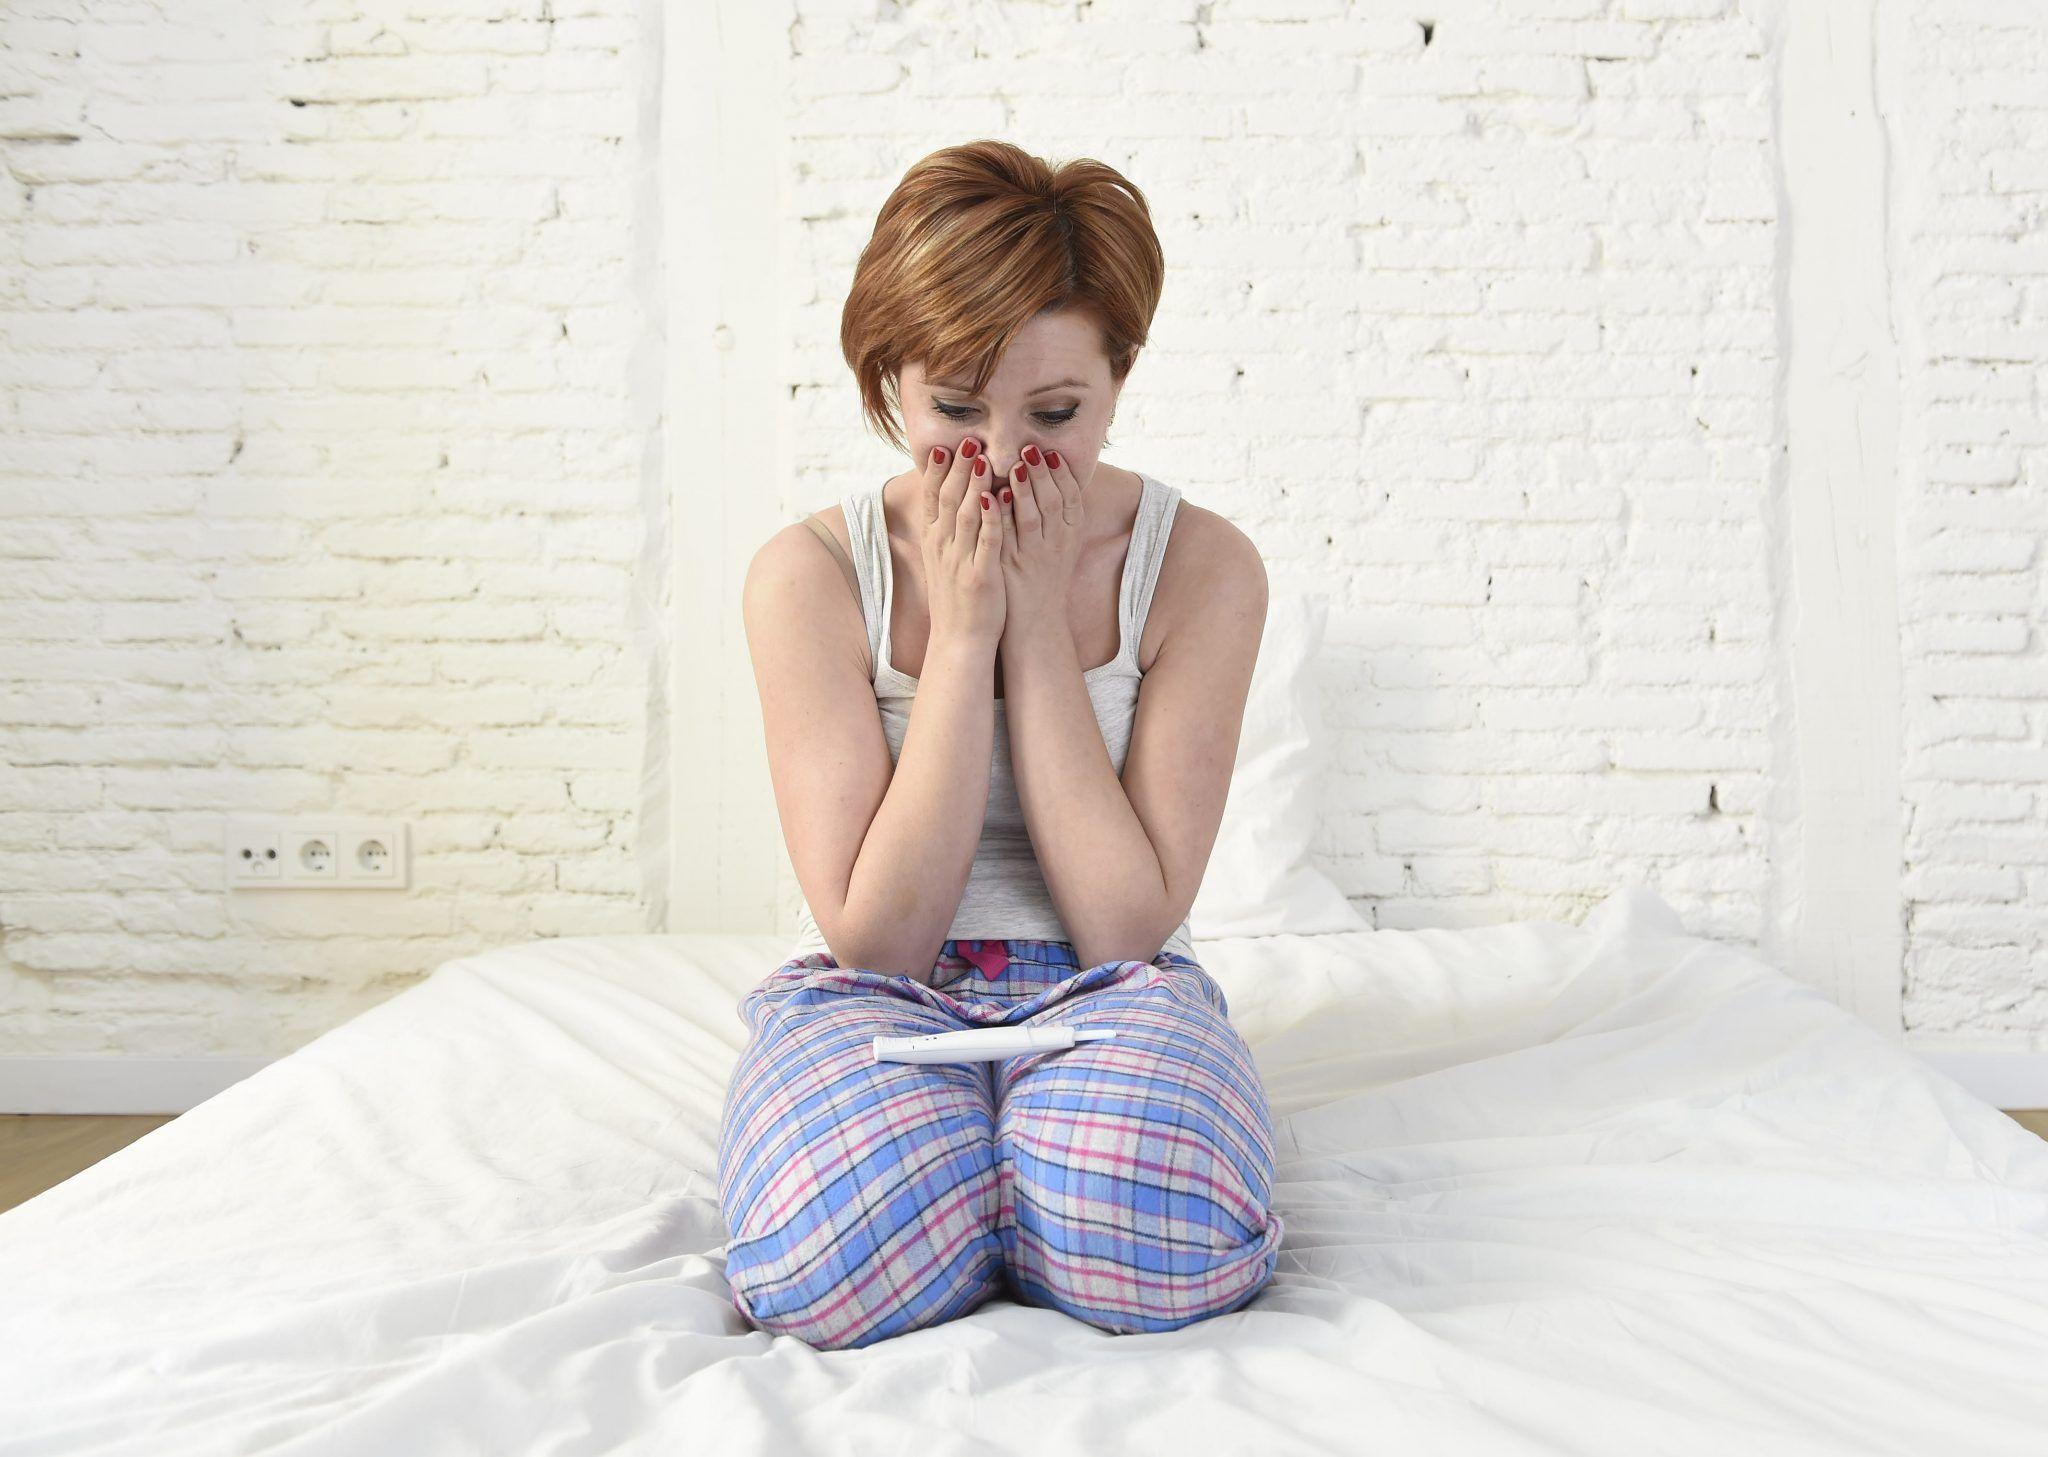 Cele mai frecvente boli care au ca rezultat infertilitatea femeilor